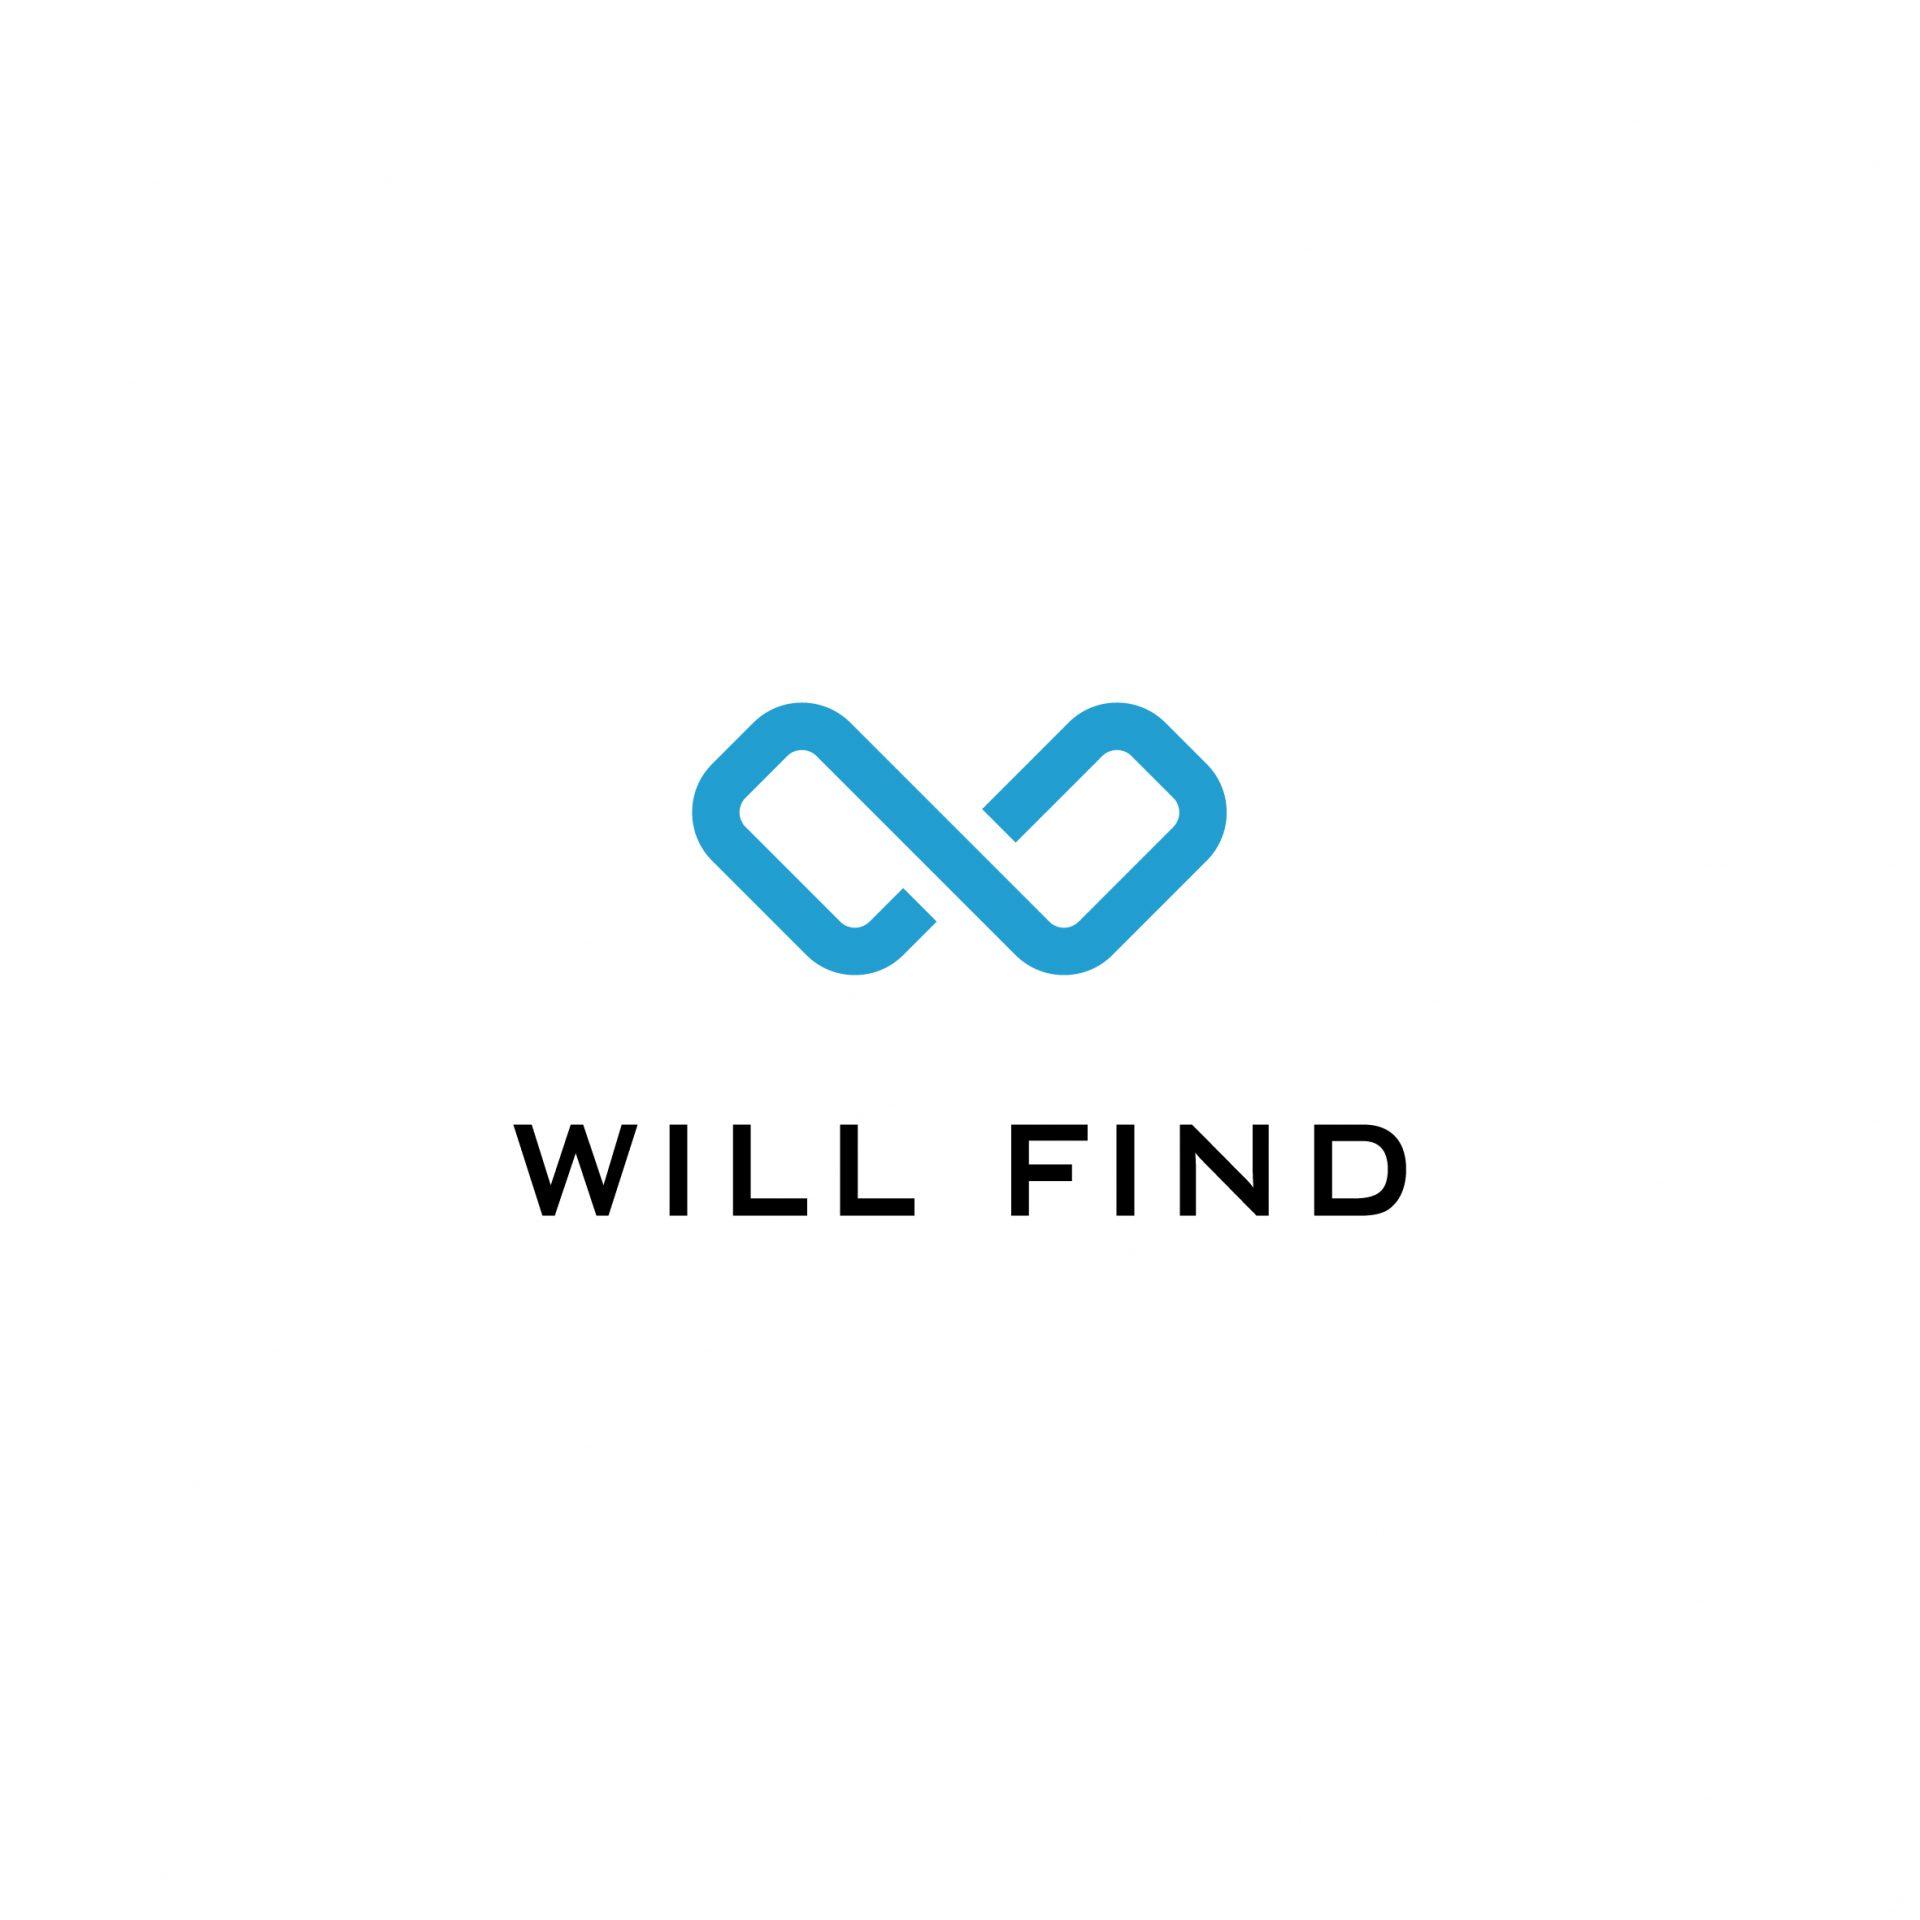 株式会社ウィルファインド